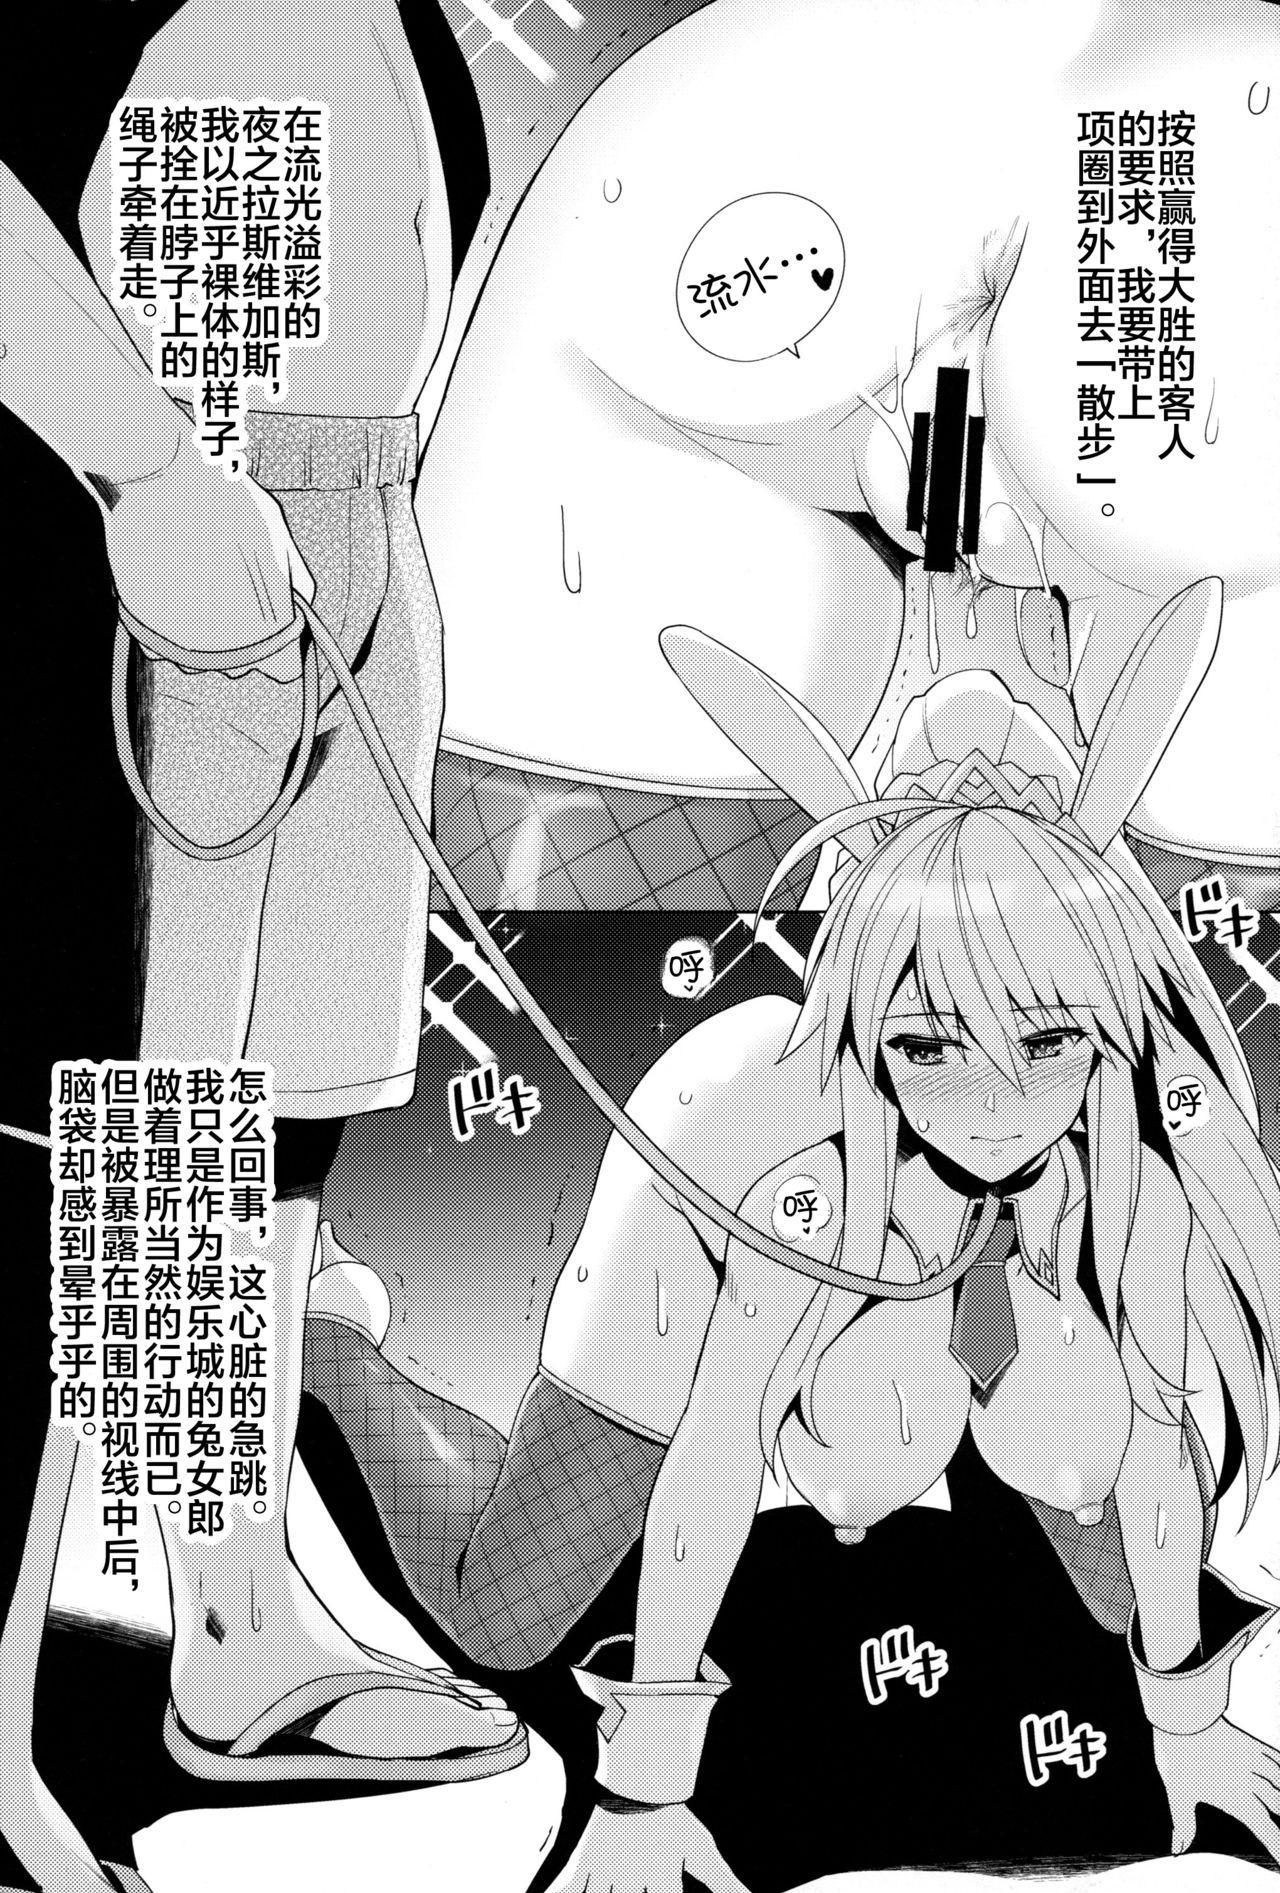 Bunny Shishiou ga Damasarete H na Oshigoto o Shichau Hon 14